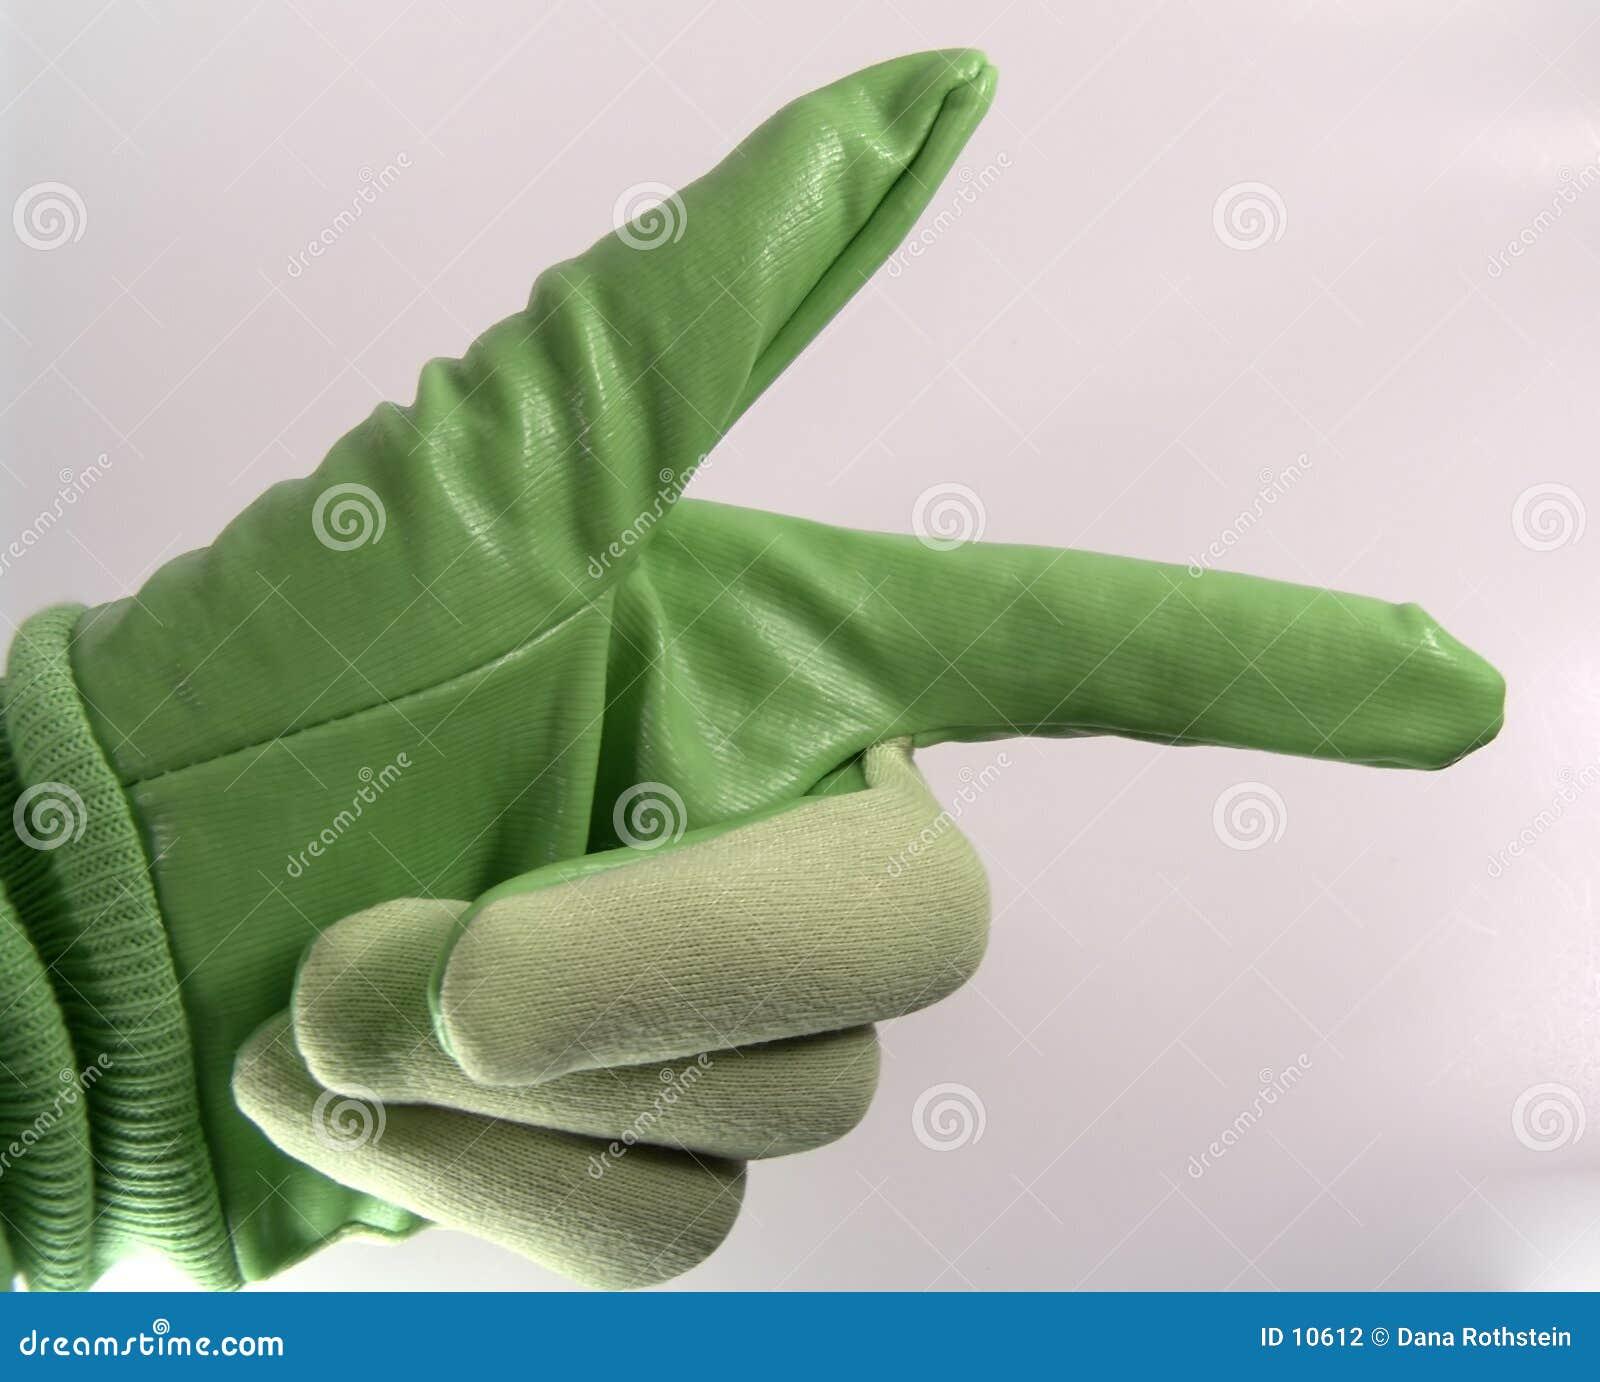 Guante verde que señala a la derecha